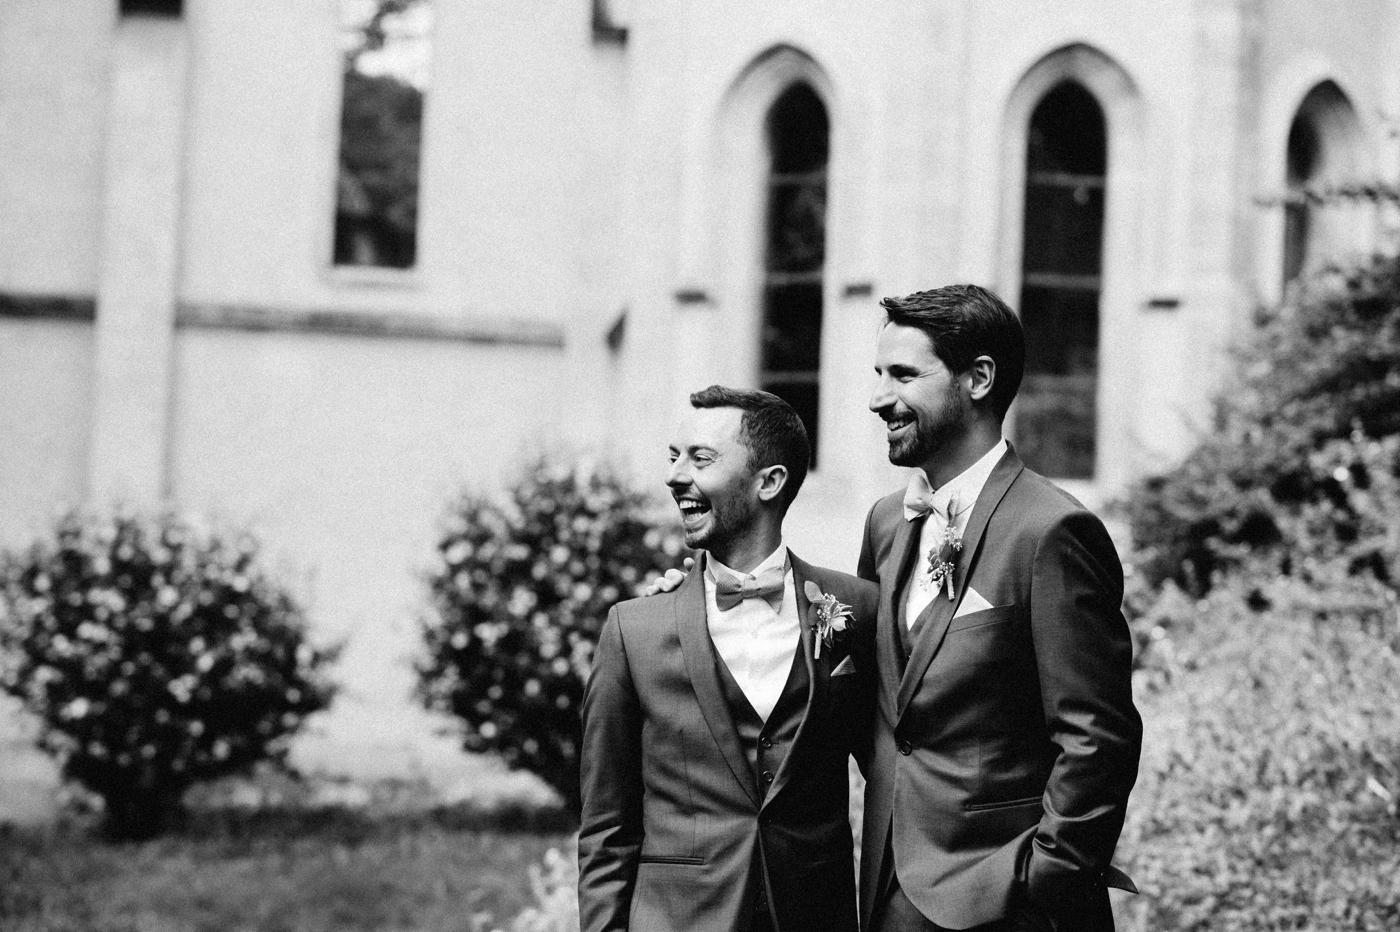 mariage chapelle grande fabrique photographe mariage grenoble lyon geneve annecy ceremonie laique_0001